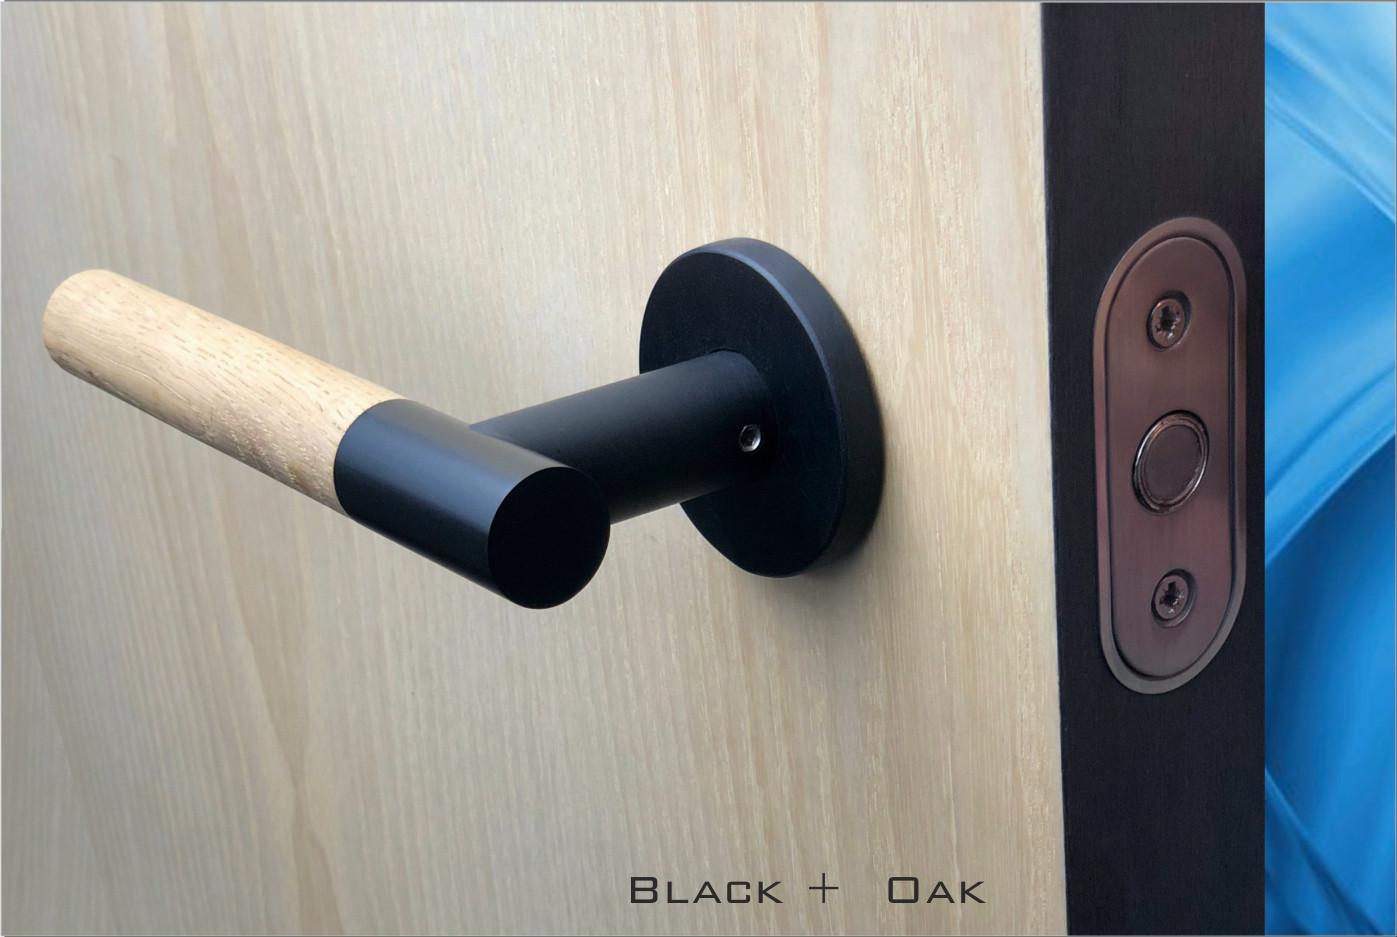 Black + Oak